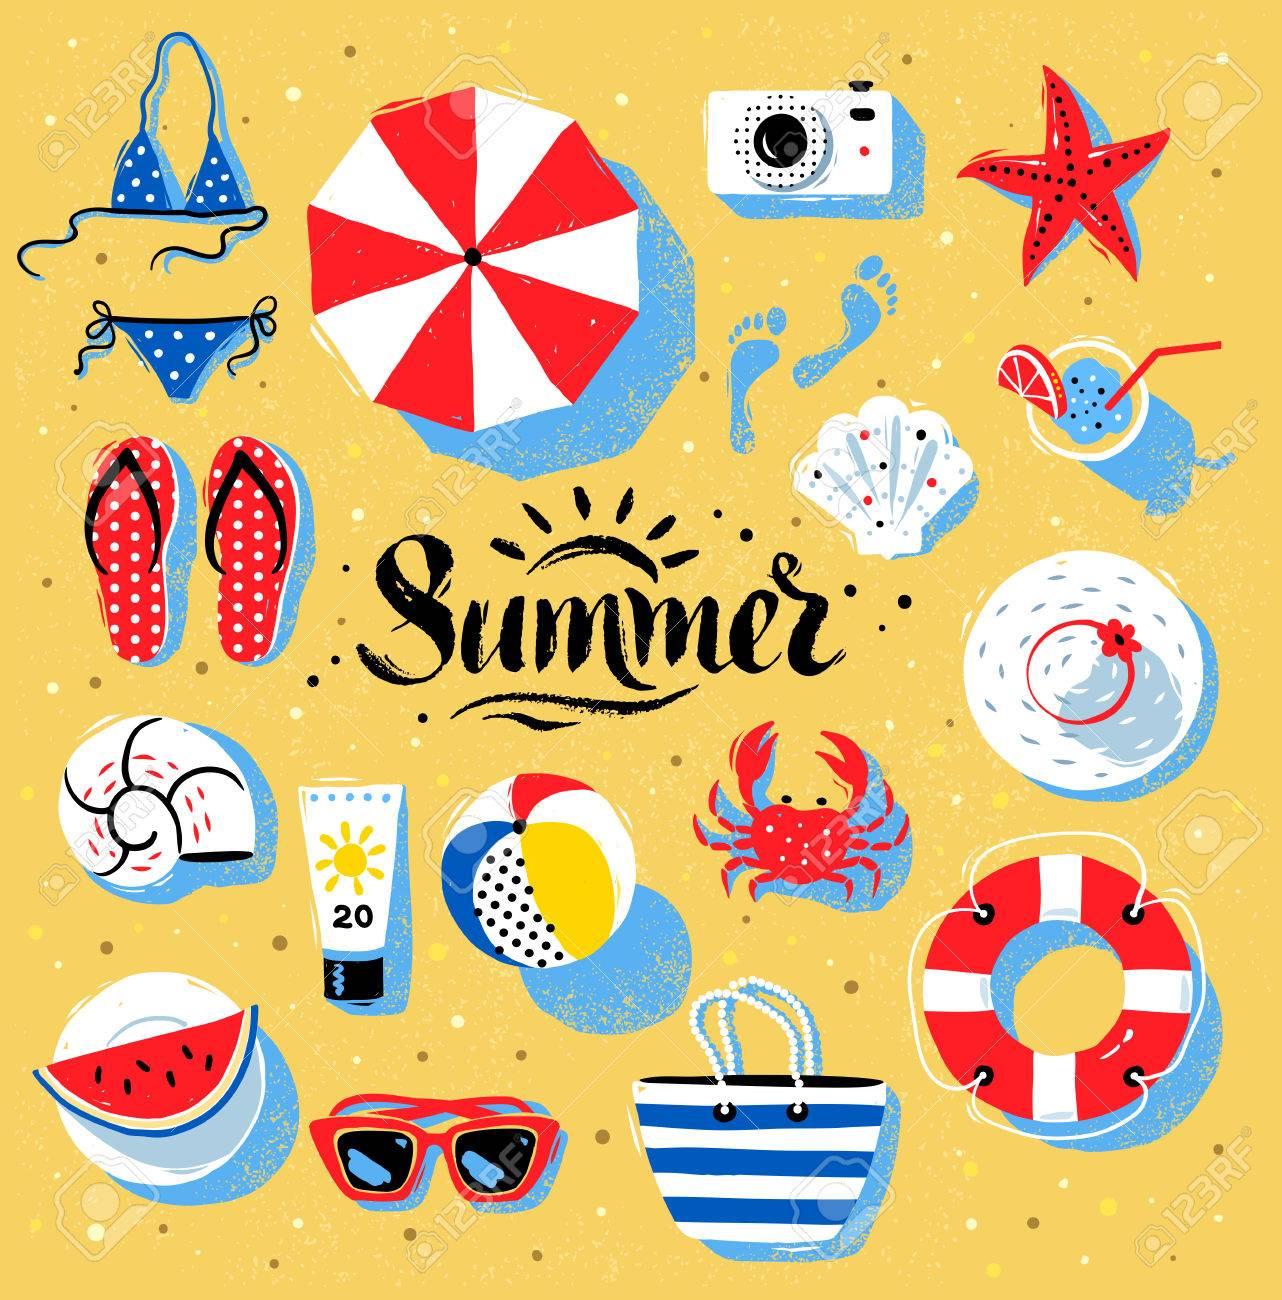 ベクトル夏トップ表示するイラスト砂浜背景に夏単語文字で設定の